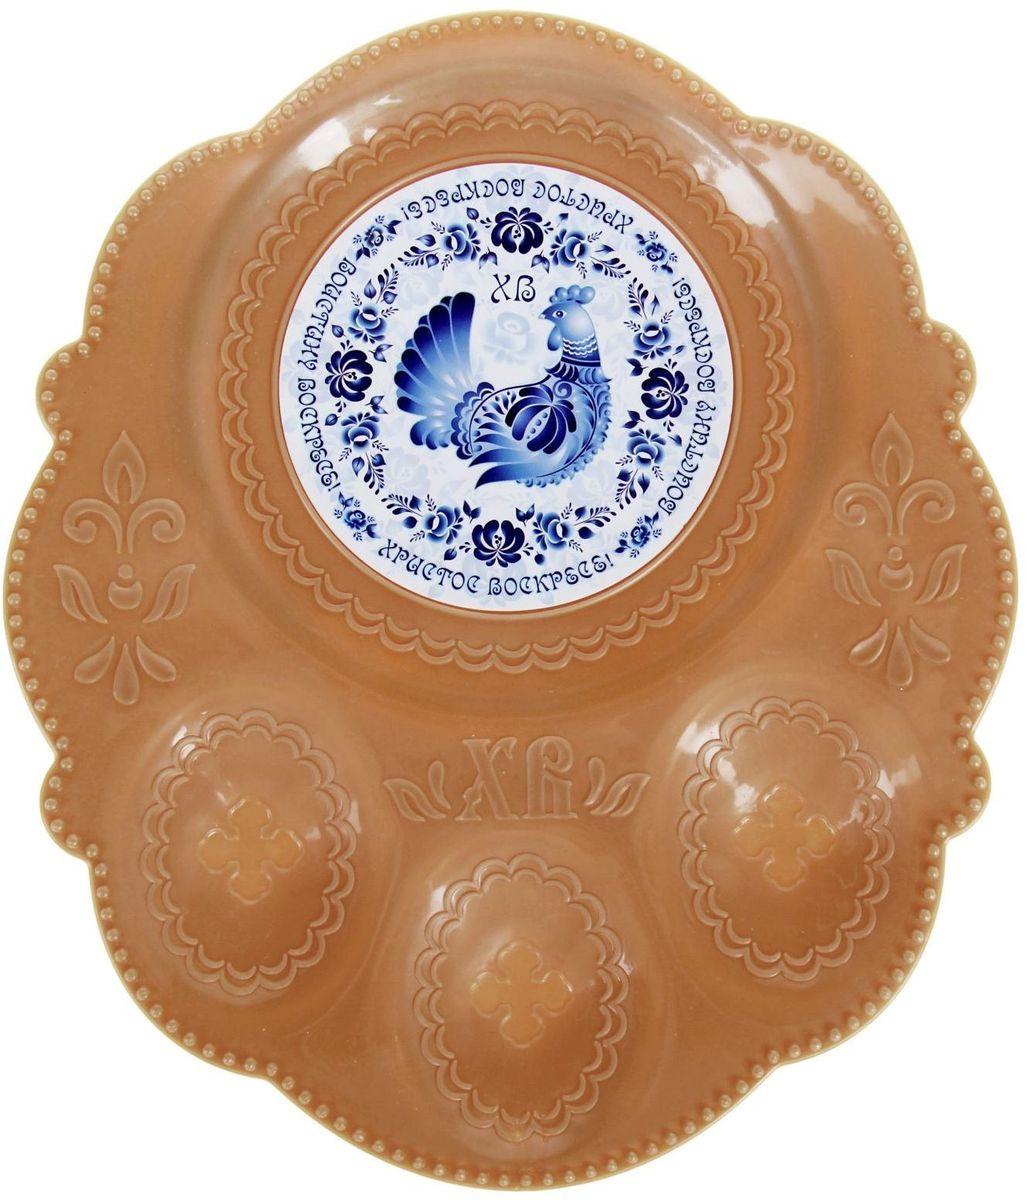 Подставка пасхальная Гжель, на 3 яйца и кулич, 21 х 18 см. 10026001002600Пасхальная подставка для 3 яйц и кулича изготовлена из качественного пластика, в центре имеется яркая вставка. Аксессуар станет достойным украшением праздничного стола, создаст радостное настроение и наполнит пространство вашего дома благостной энергией на весь год вперёд. Подставка будет ценным памятным подарком для родных, друзей и коллег. Радости, добра и света вам и вашим близким!